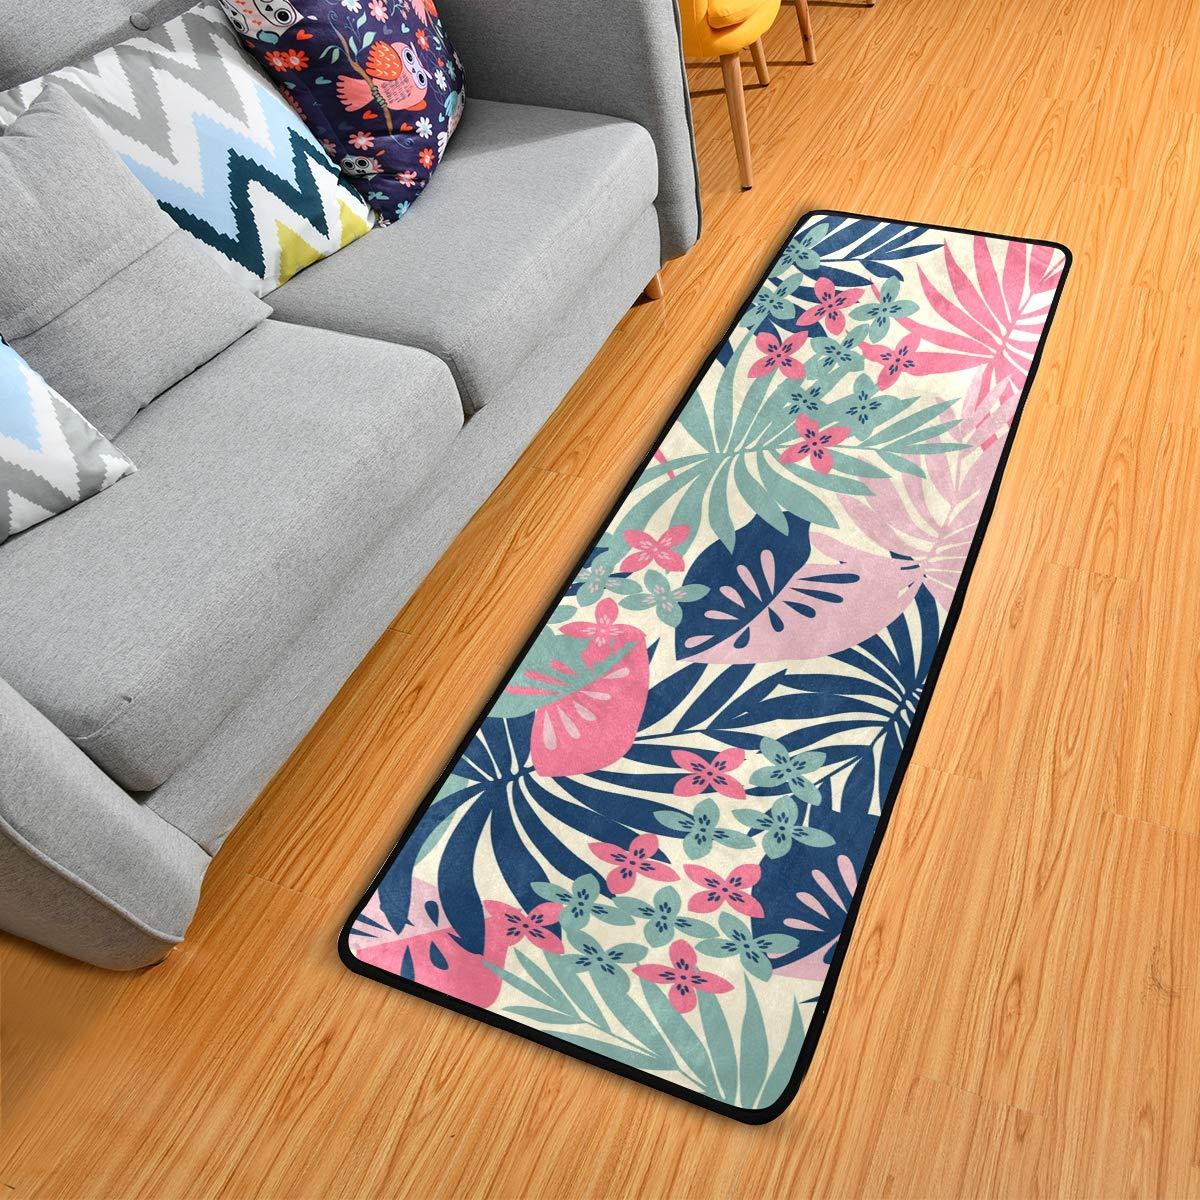 Hallway Runner Rug Rubber Backing - Tropical Leaves Runner Rug for Kitchen Rug Carpet Runner Non Skid Washable Rug Runner 2x6